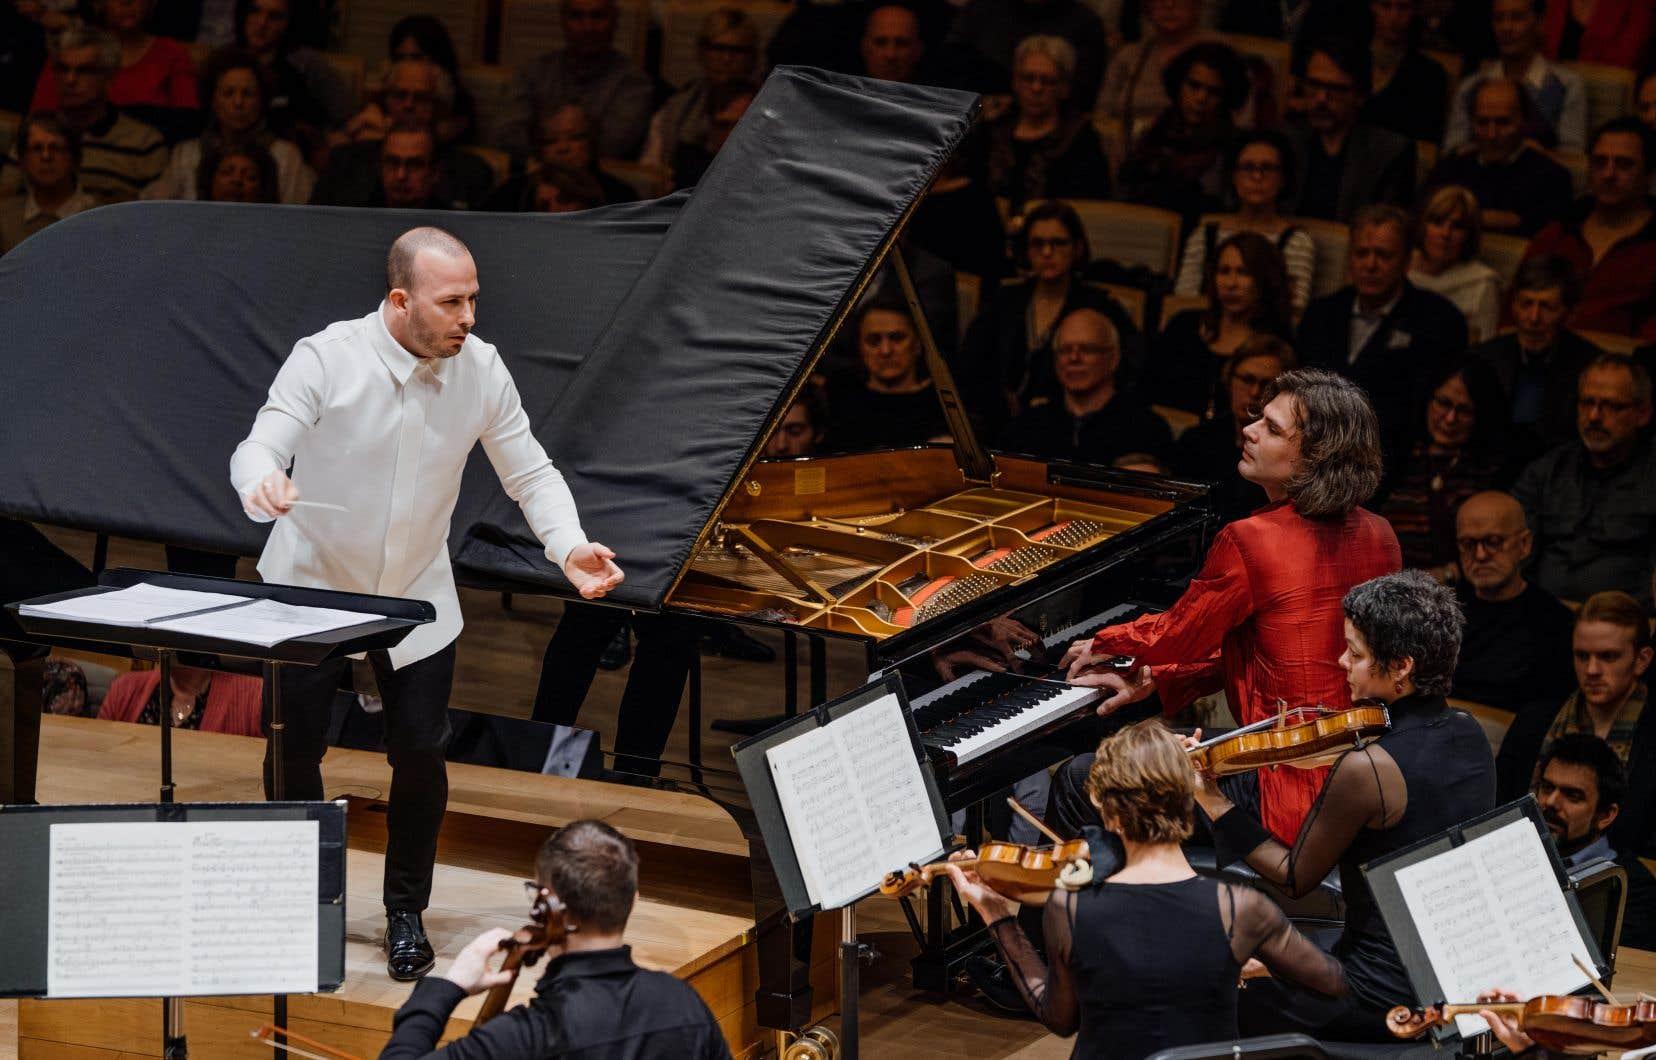 Yannick Nézet-Séguin a été héroïque de cadrer aussi professionnellement un accompagnement orchestral à cette chose profuse 24heures après avoir dirigé au Met la reprise d'un chef-d'oeuvre tel qu'«Elektra» de Strauss.